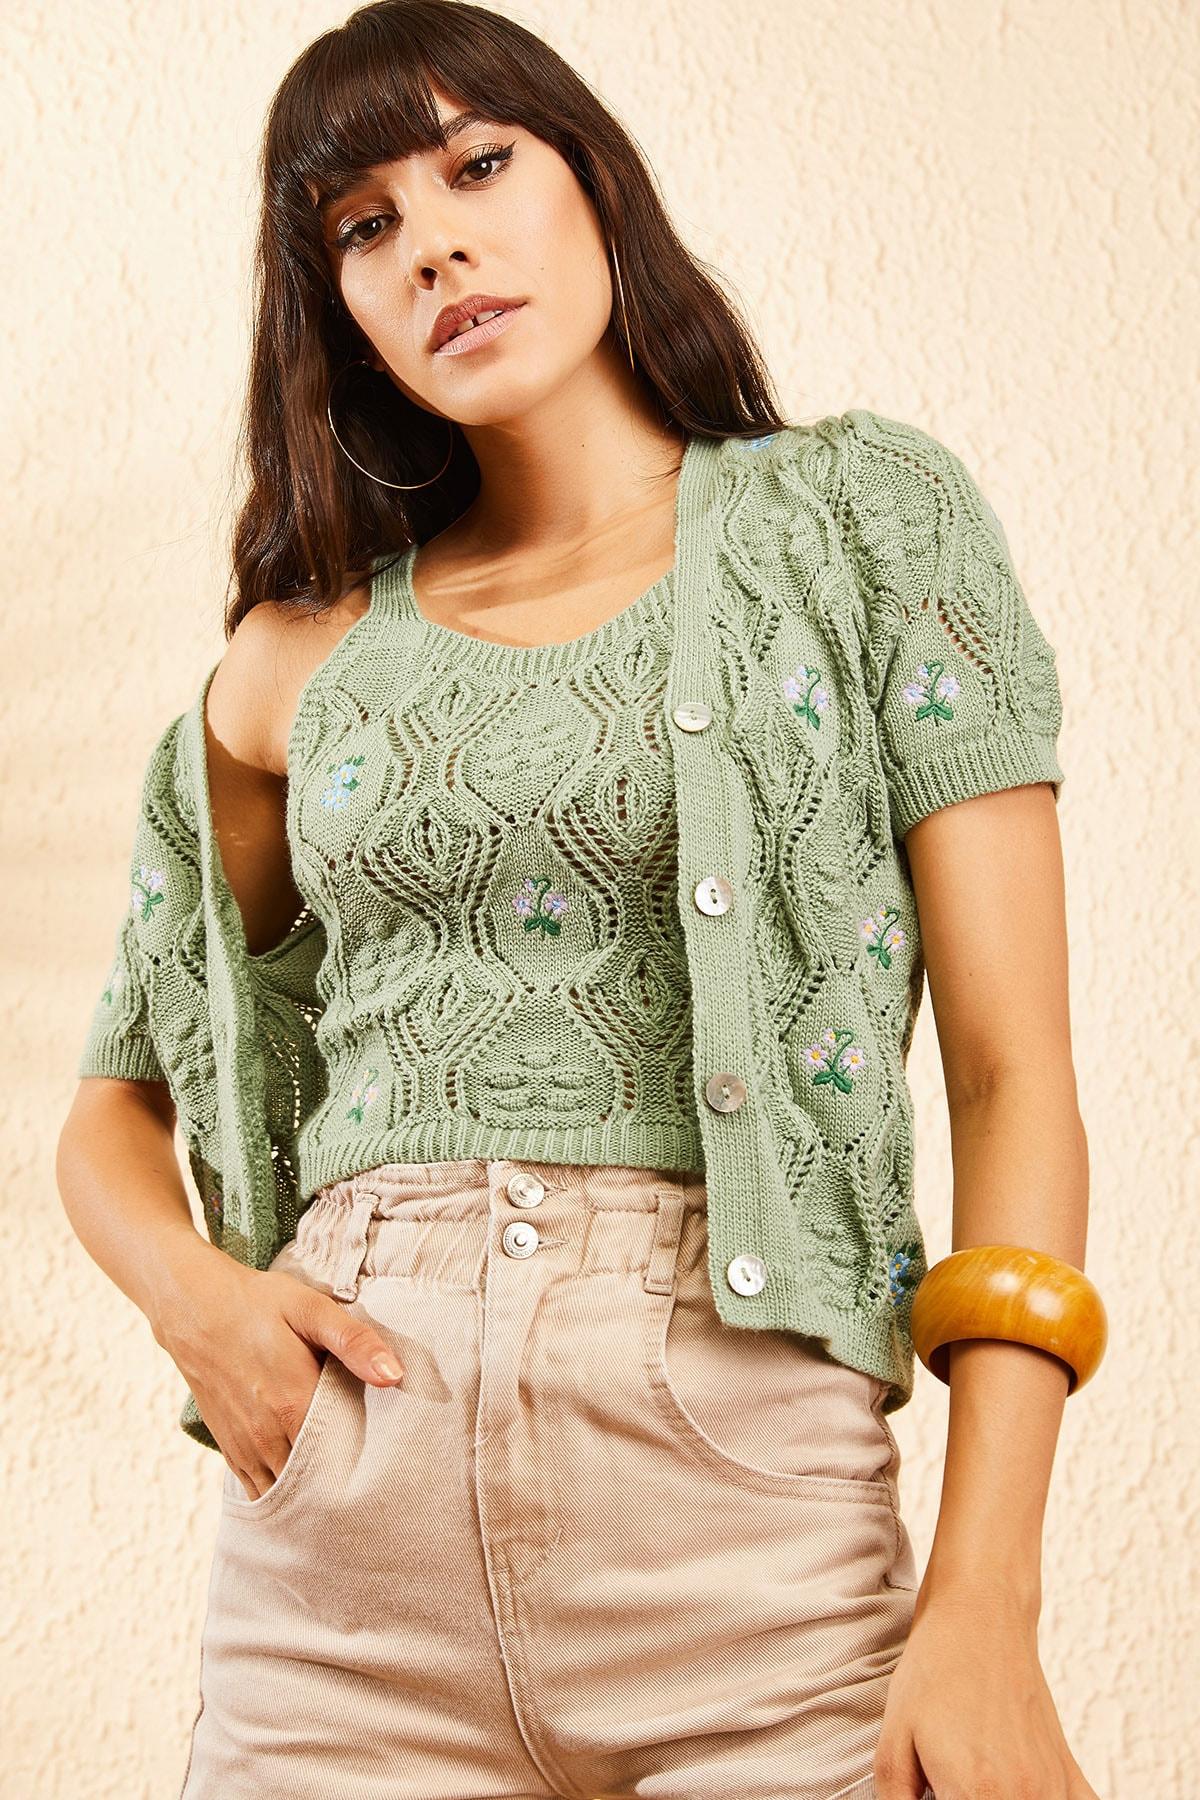 Bianco Lucci Kadın Çağla Yeşili Kadın Nakış İşlemeli Hırka ve Crop Top Bluz Triko Takım 10101032 2